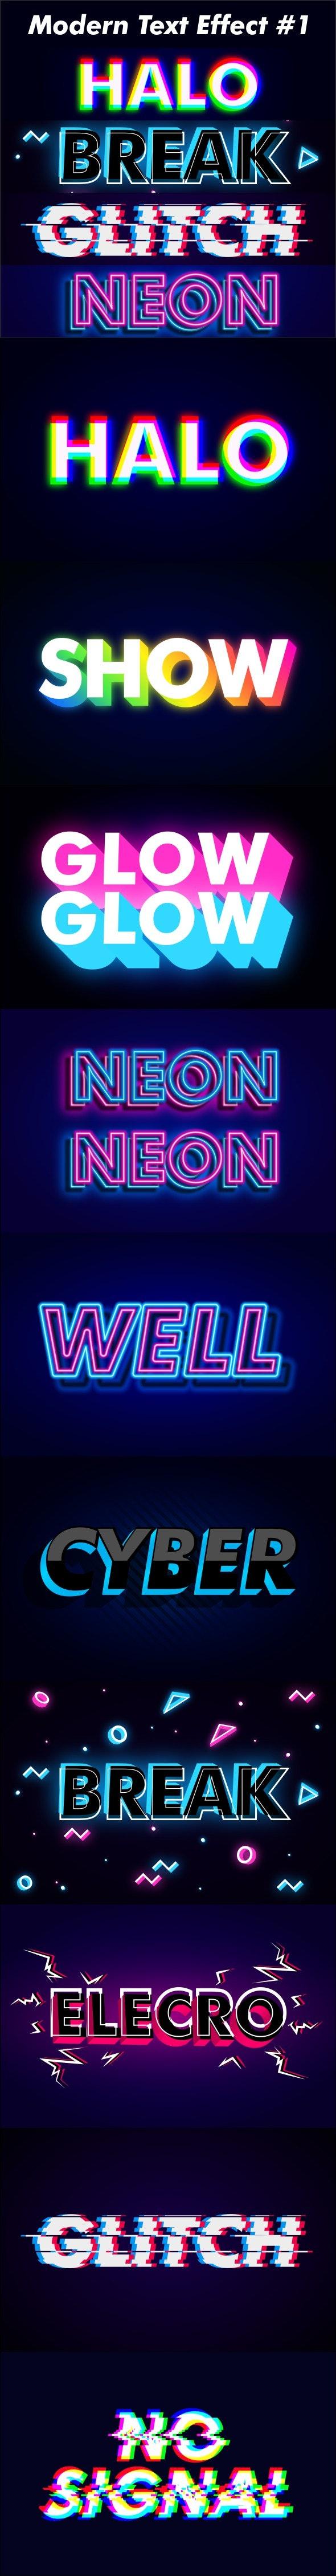 Modern Dark Neon Glitch Text Effect - Text Effects Styles